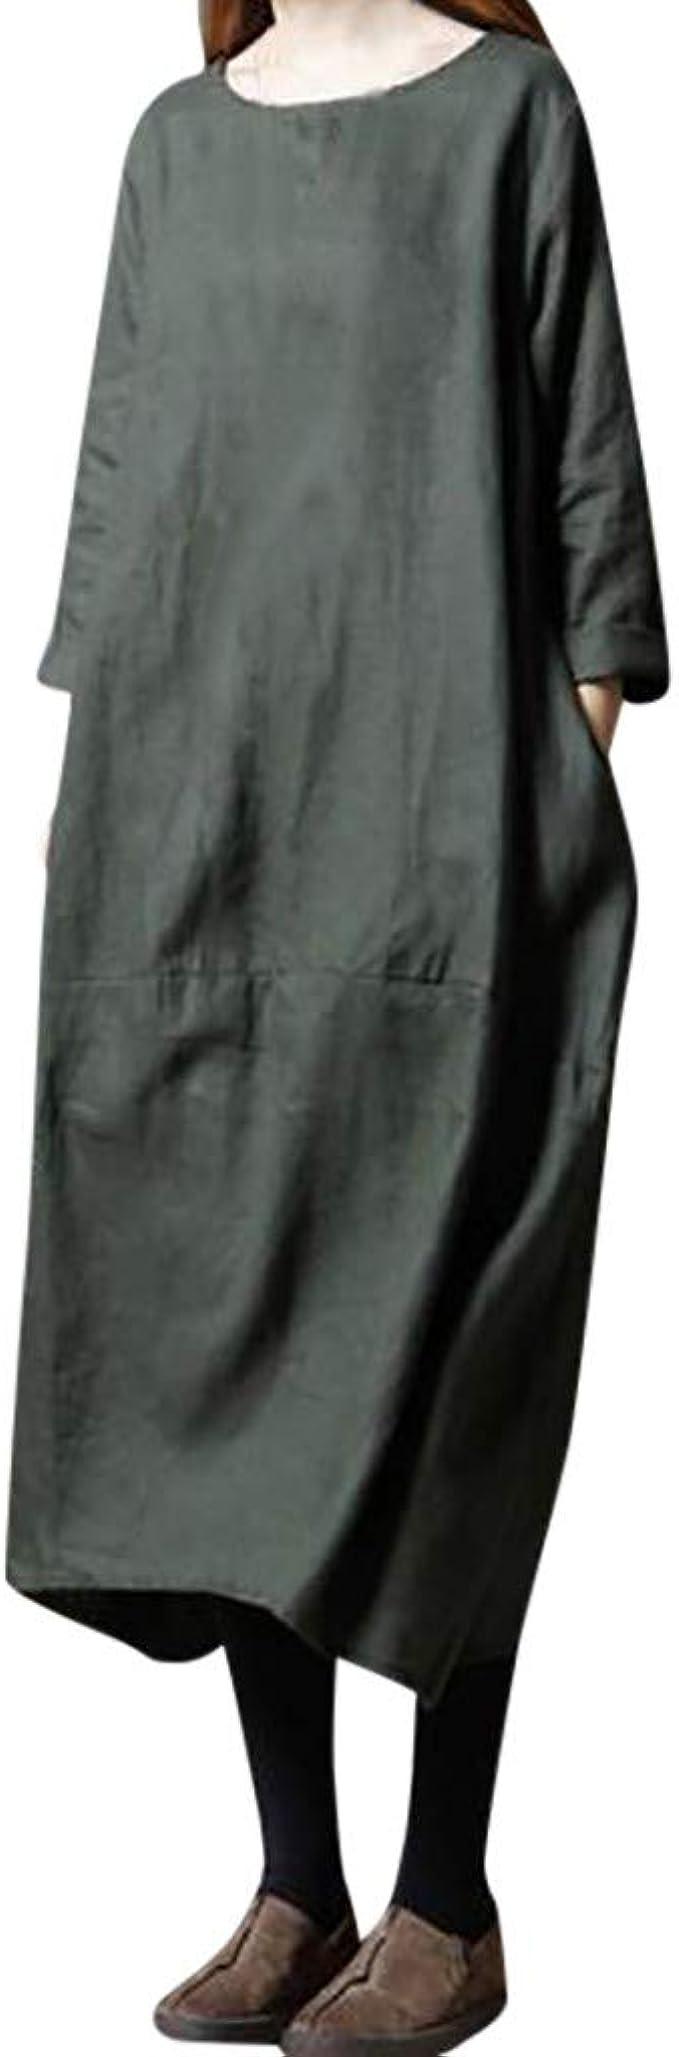 Vestido Suelto Talla Grande Vestidos Primavera Mujer Fiesta Rojo Holgados Algodón y Lino Negros Manga Larga Estilo Nacional POLP: Amazon.es: Ropa y accesorios